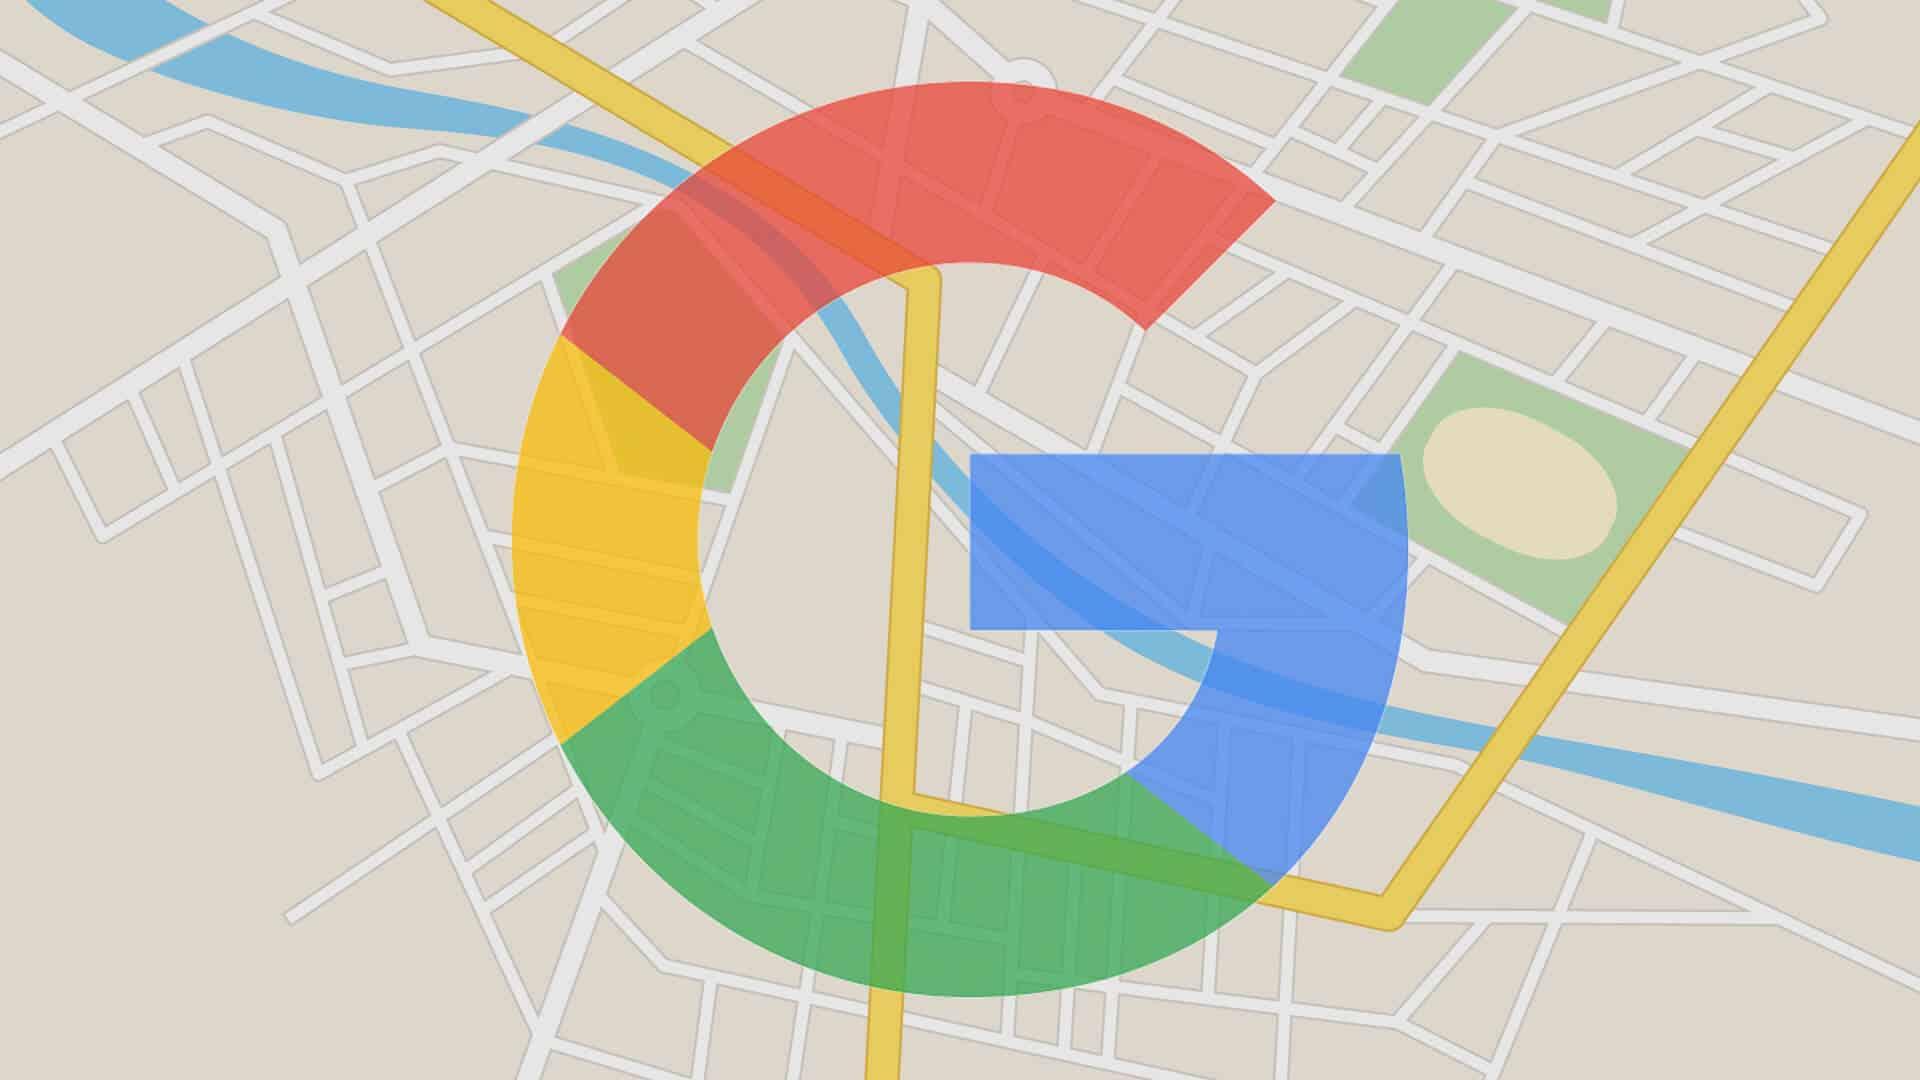 متي تصل الميزة الجديدة الي تطبيق خرائط جوجل بشكل رسمي.